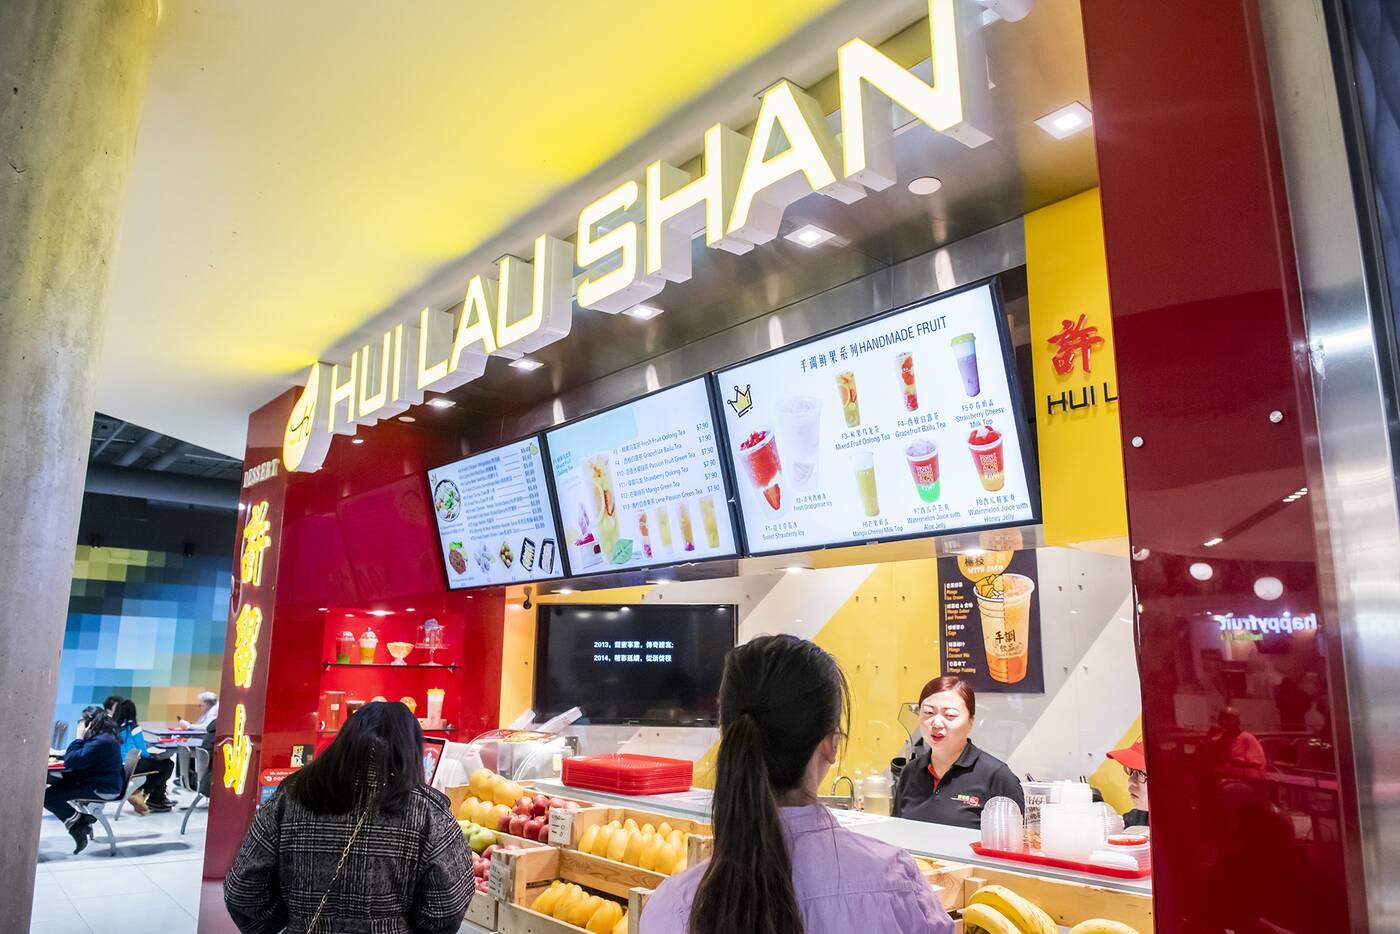 hui lau shan